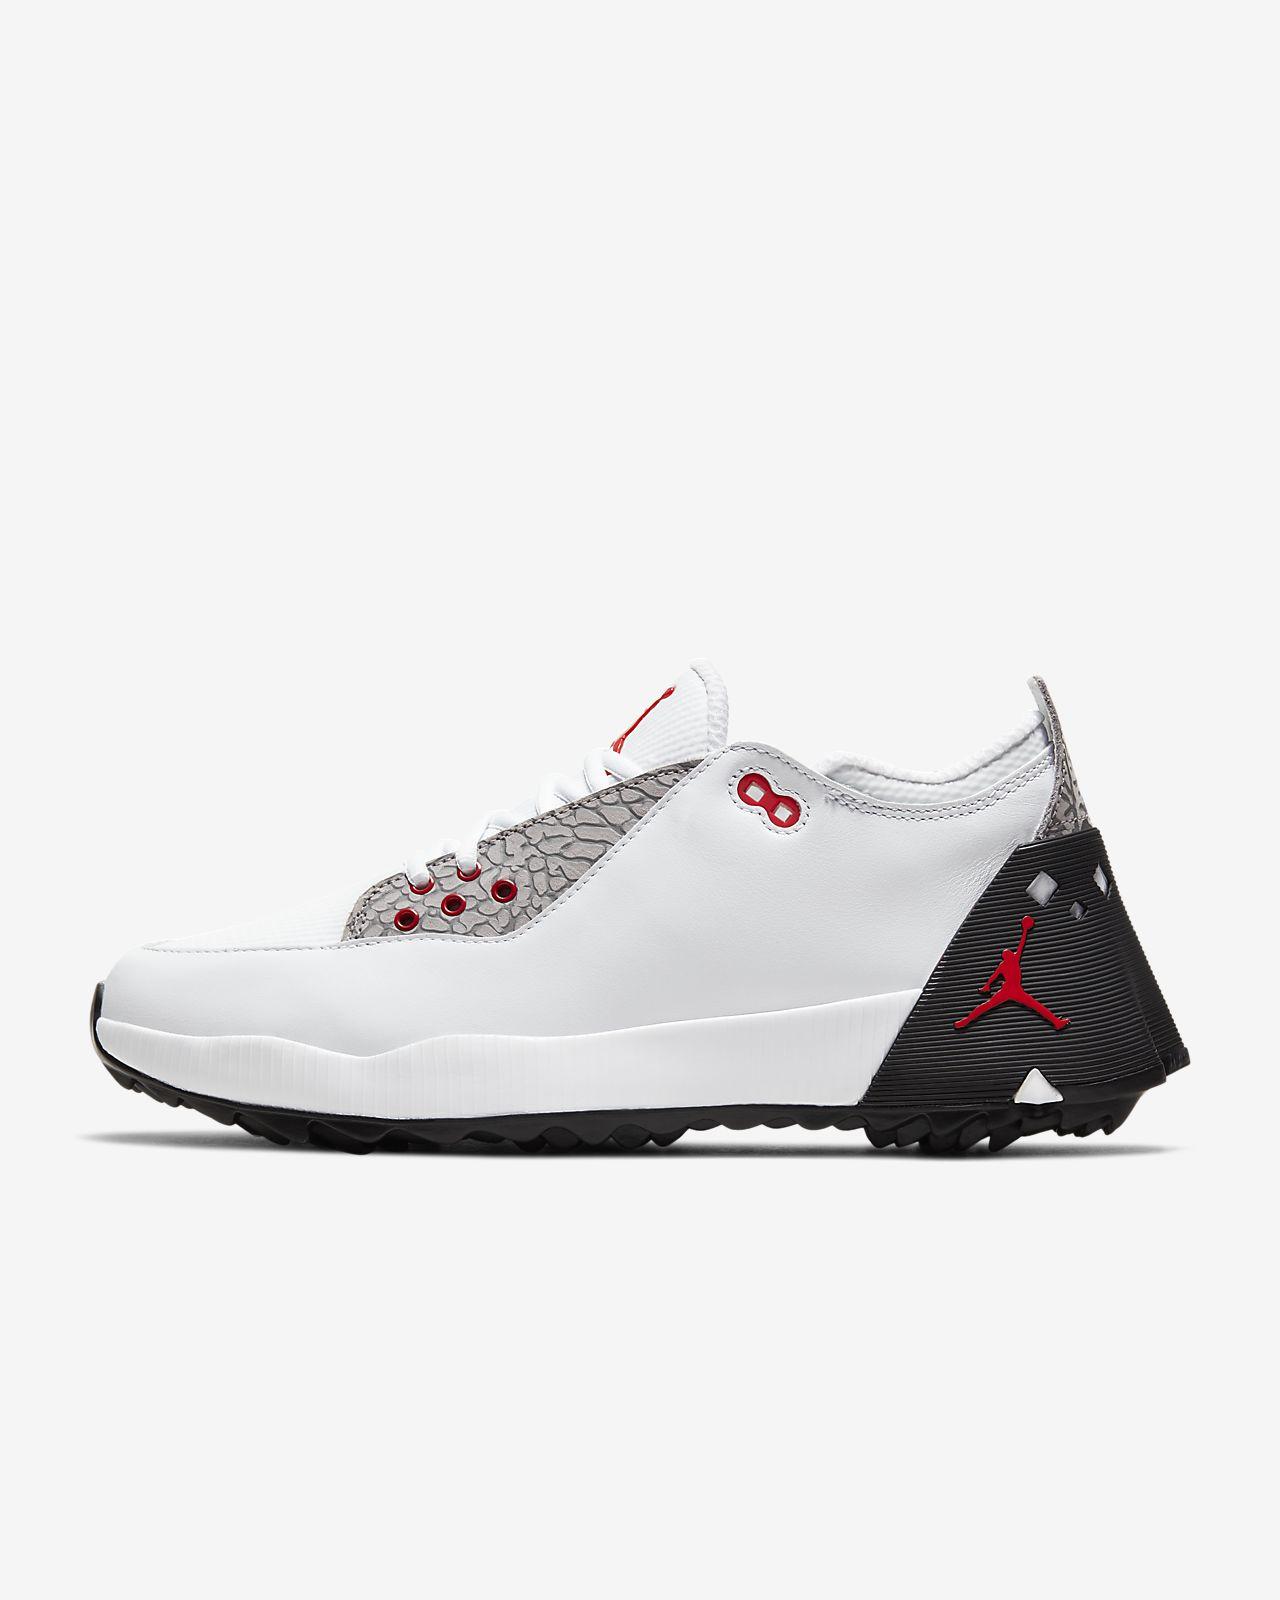 รองเท้ากอล์ฟผู้ชาย Jordan ADG 2